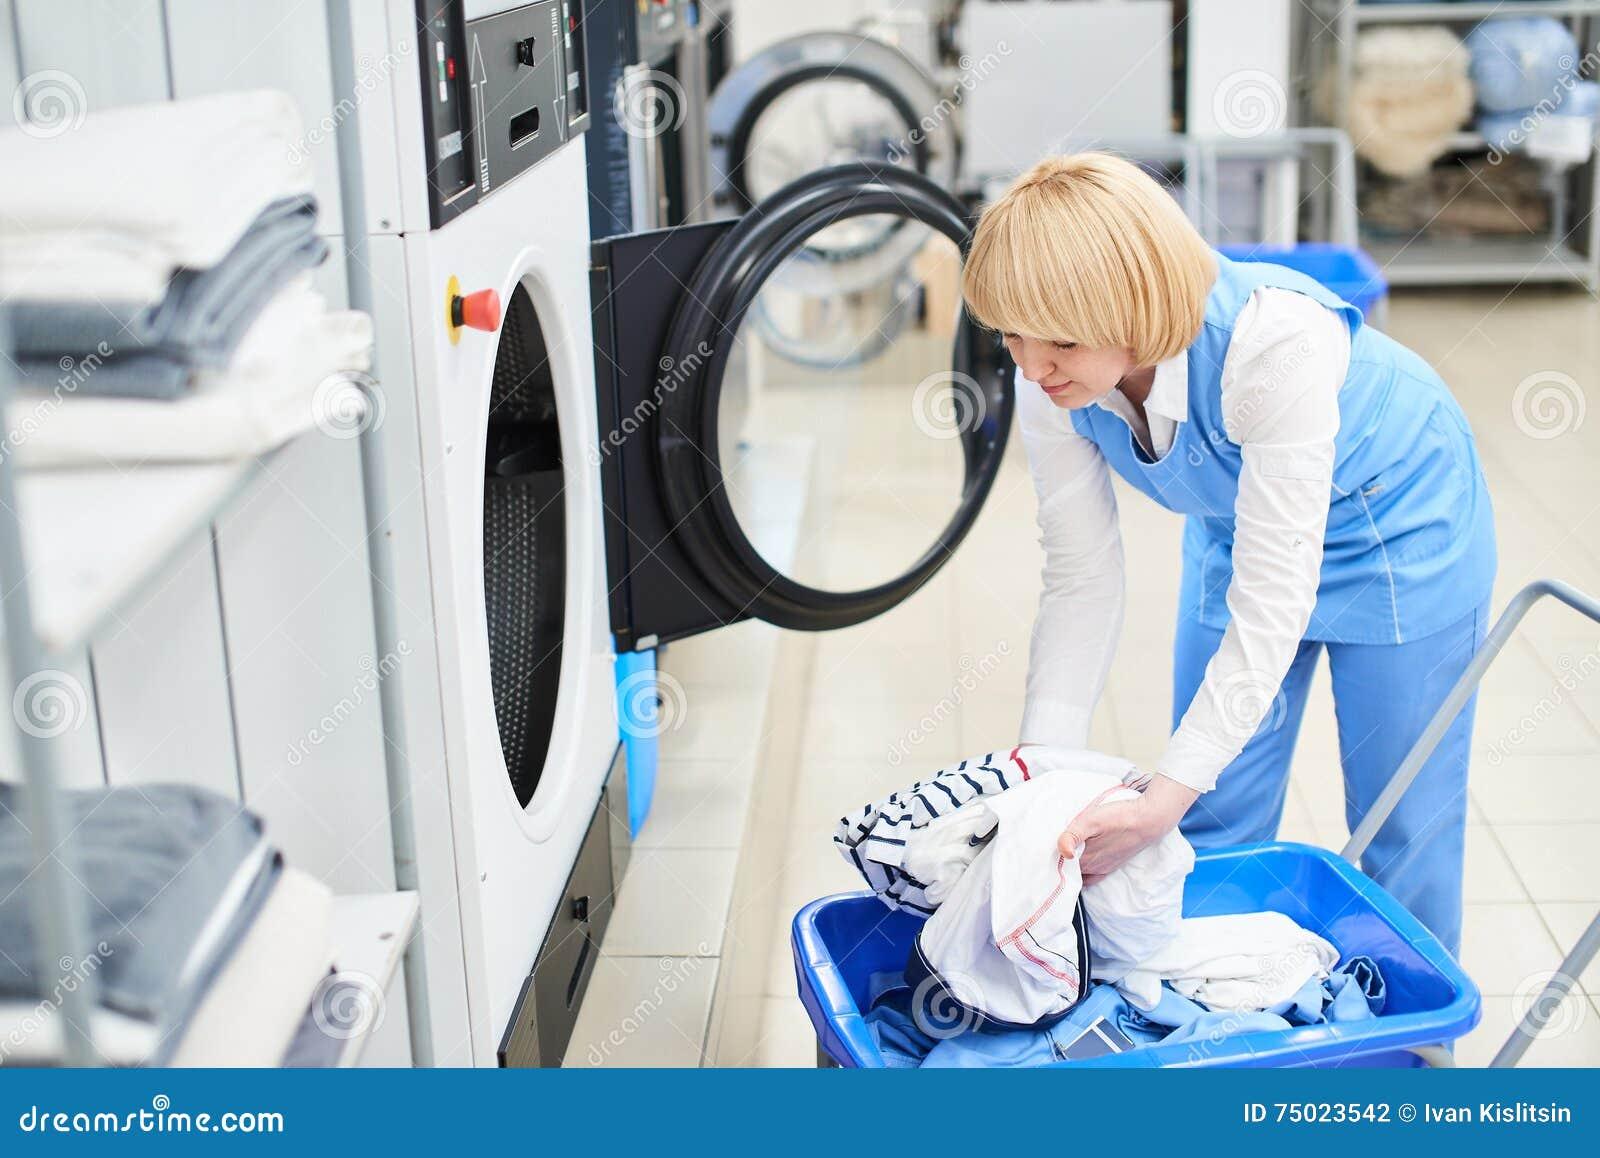 Die Arbeitskraft lädt die Wäschereikleidung in die Waschmaschine